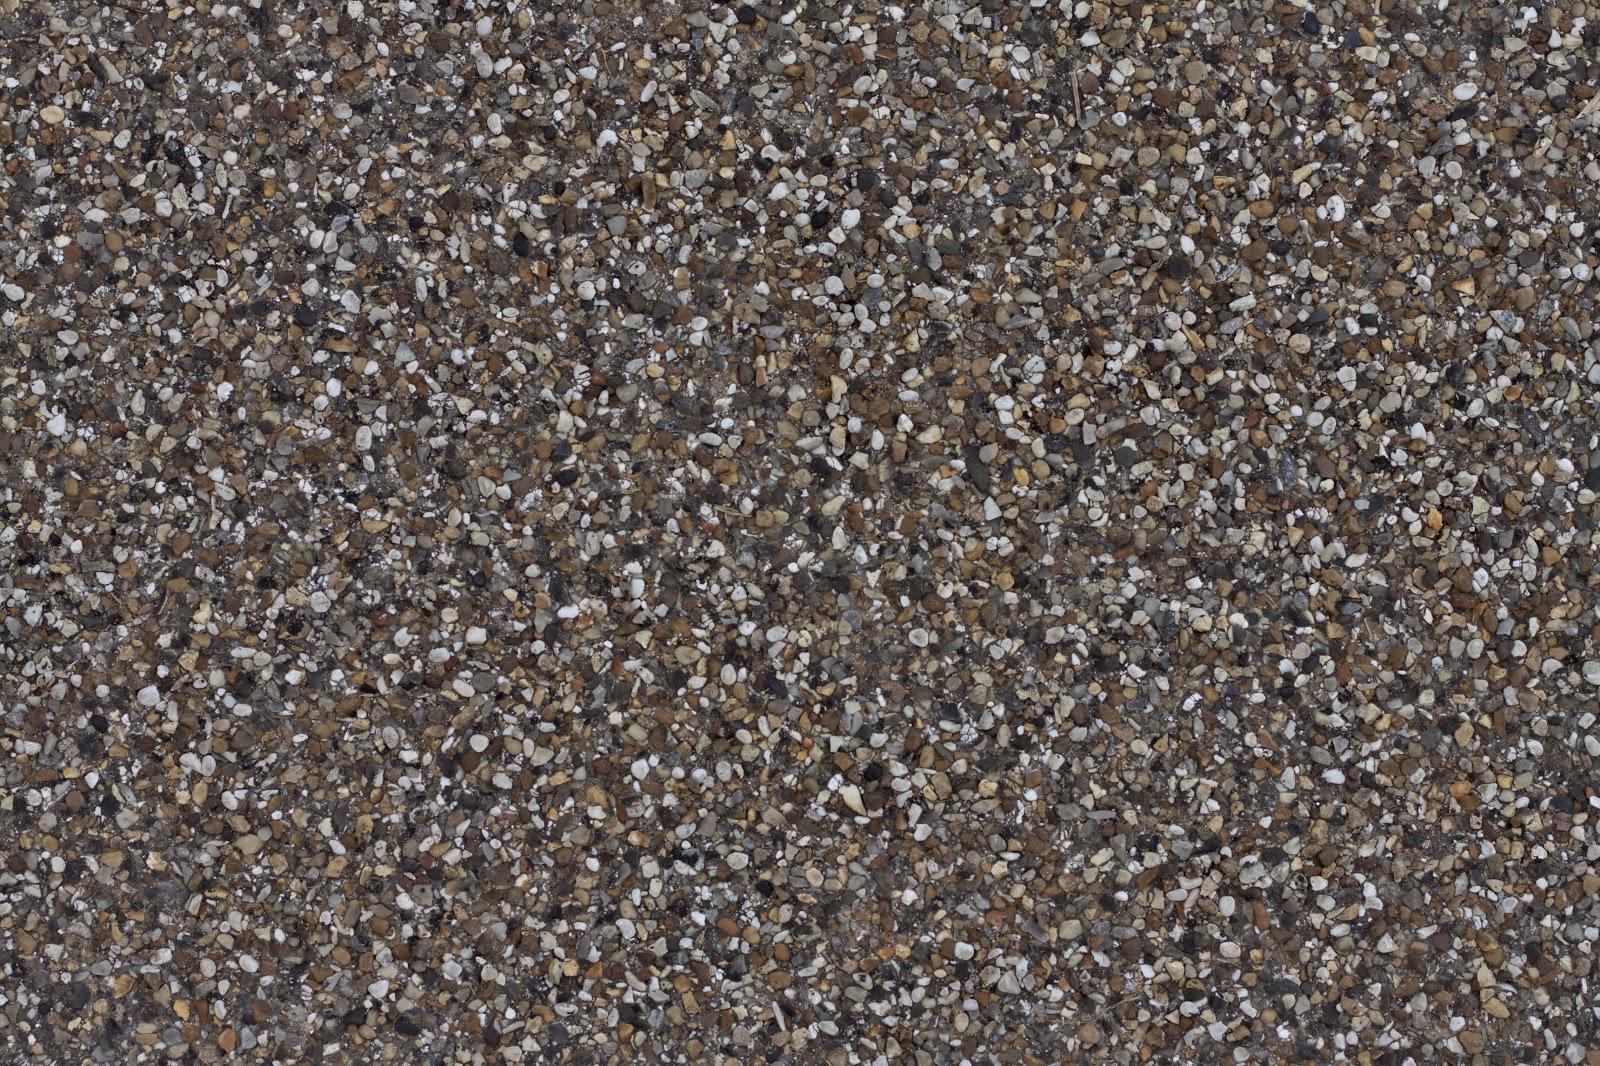 Pebblestone cobble ground gravel floor walkway texture ver 1